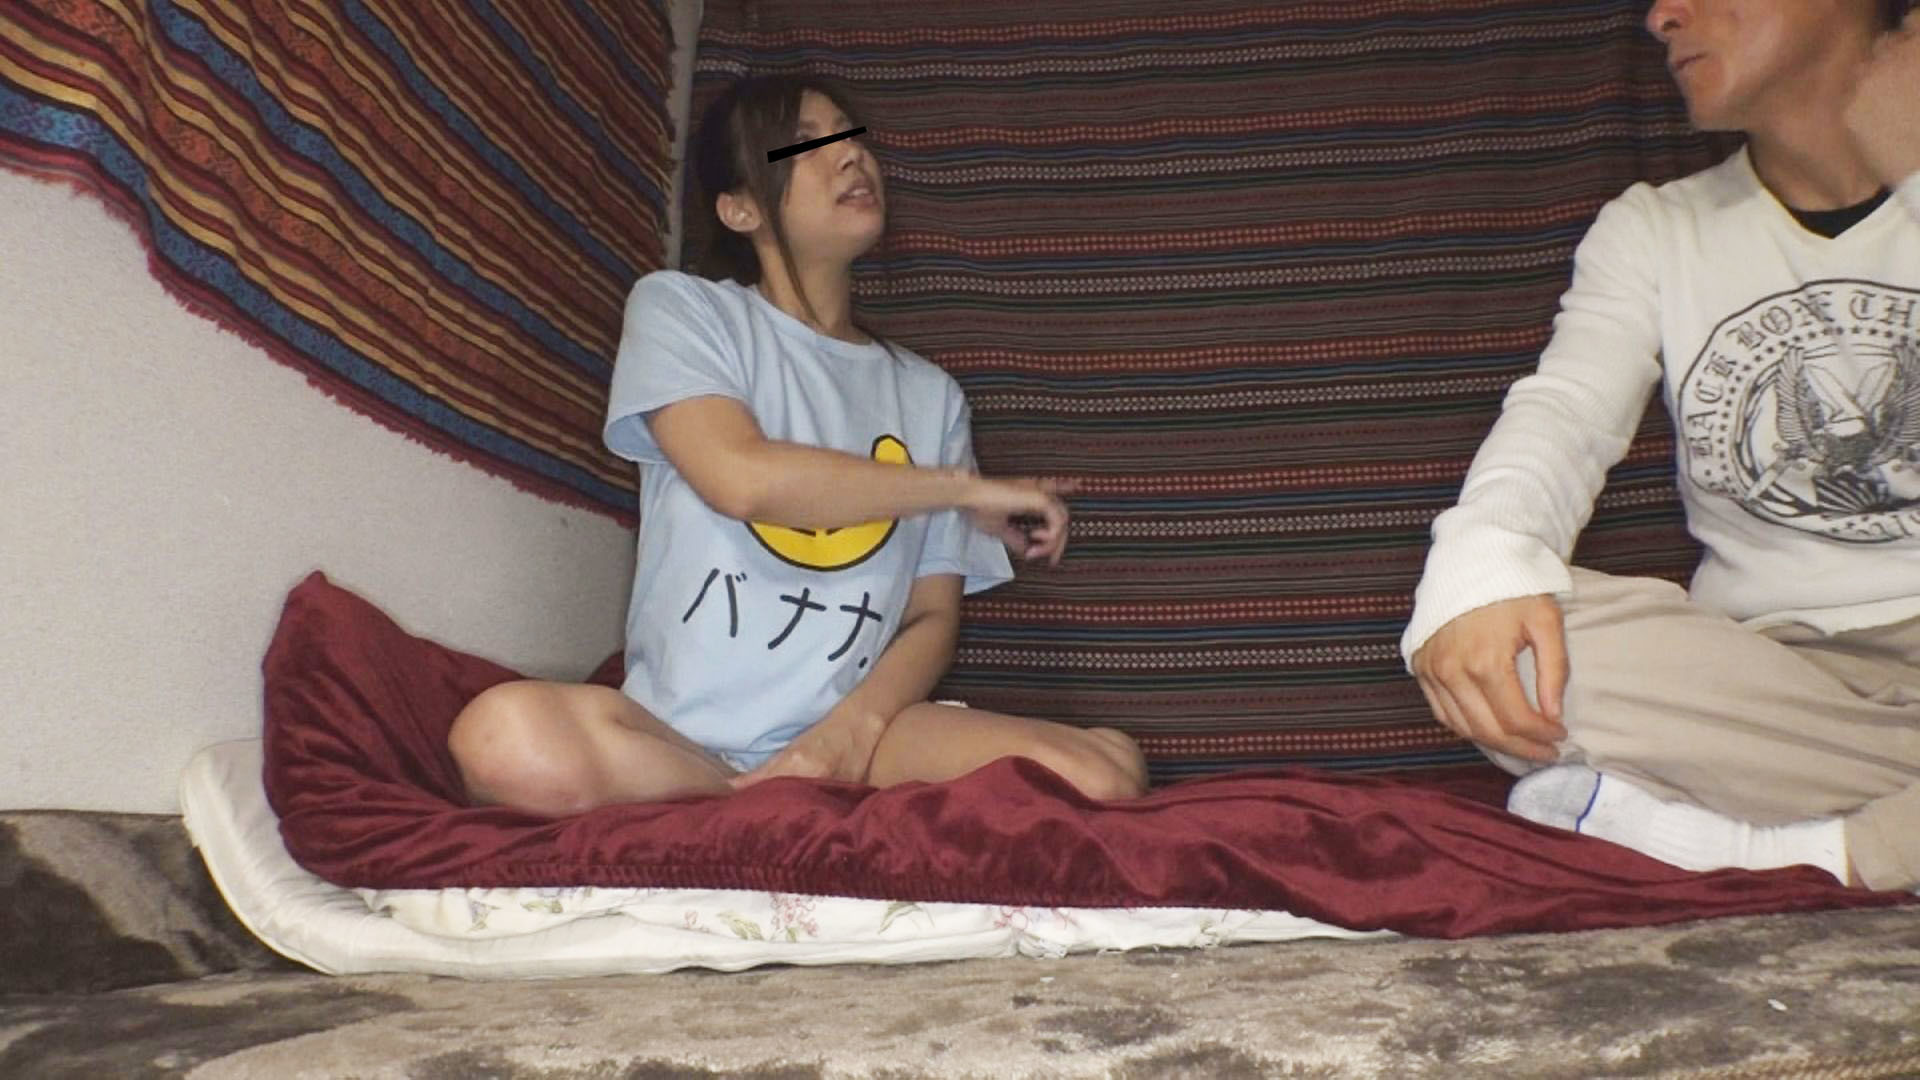 タイ・韓国・フィリピン 東アジアの女の子たちと異文化交姦日記 現地極秘撮影 画像1